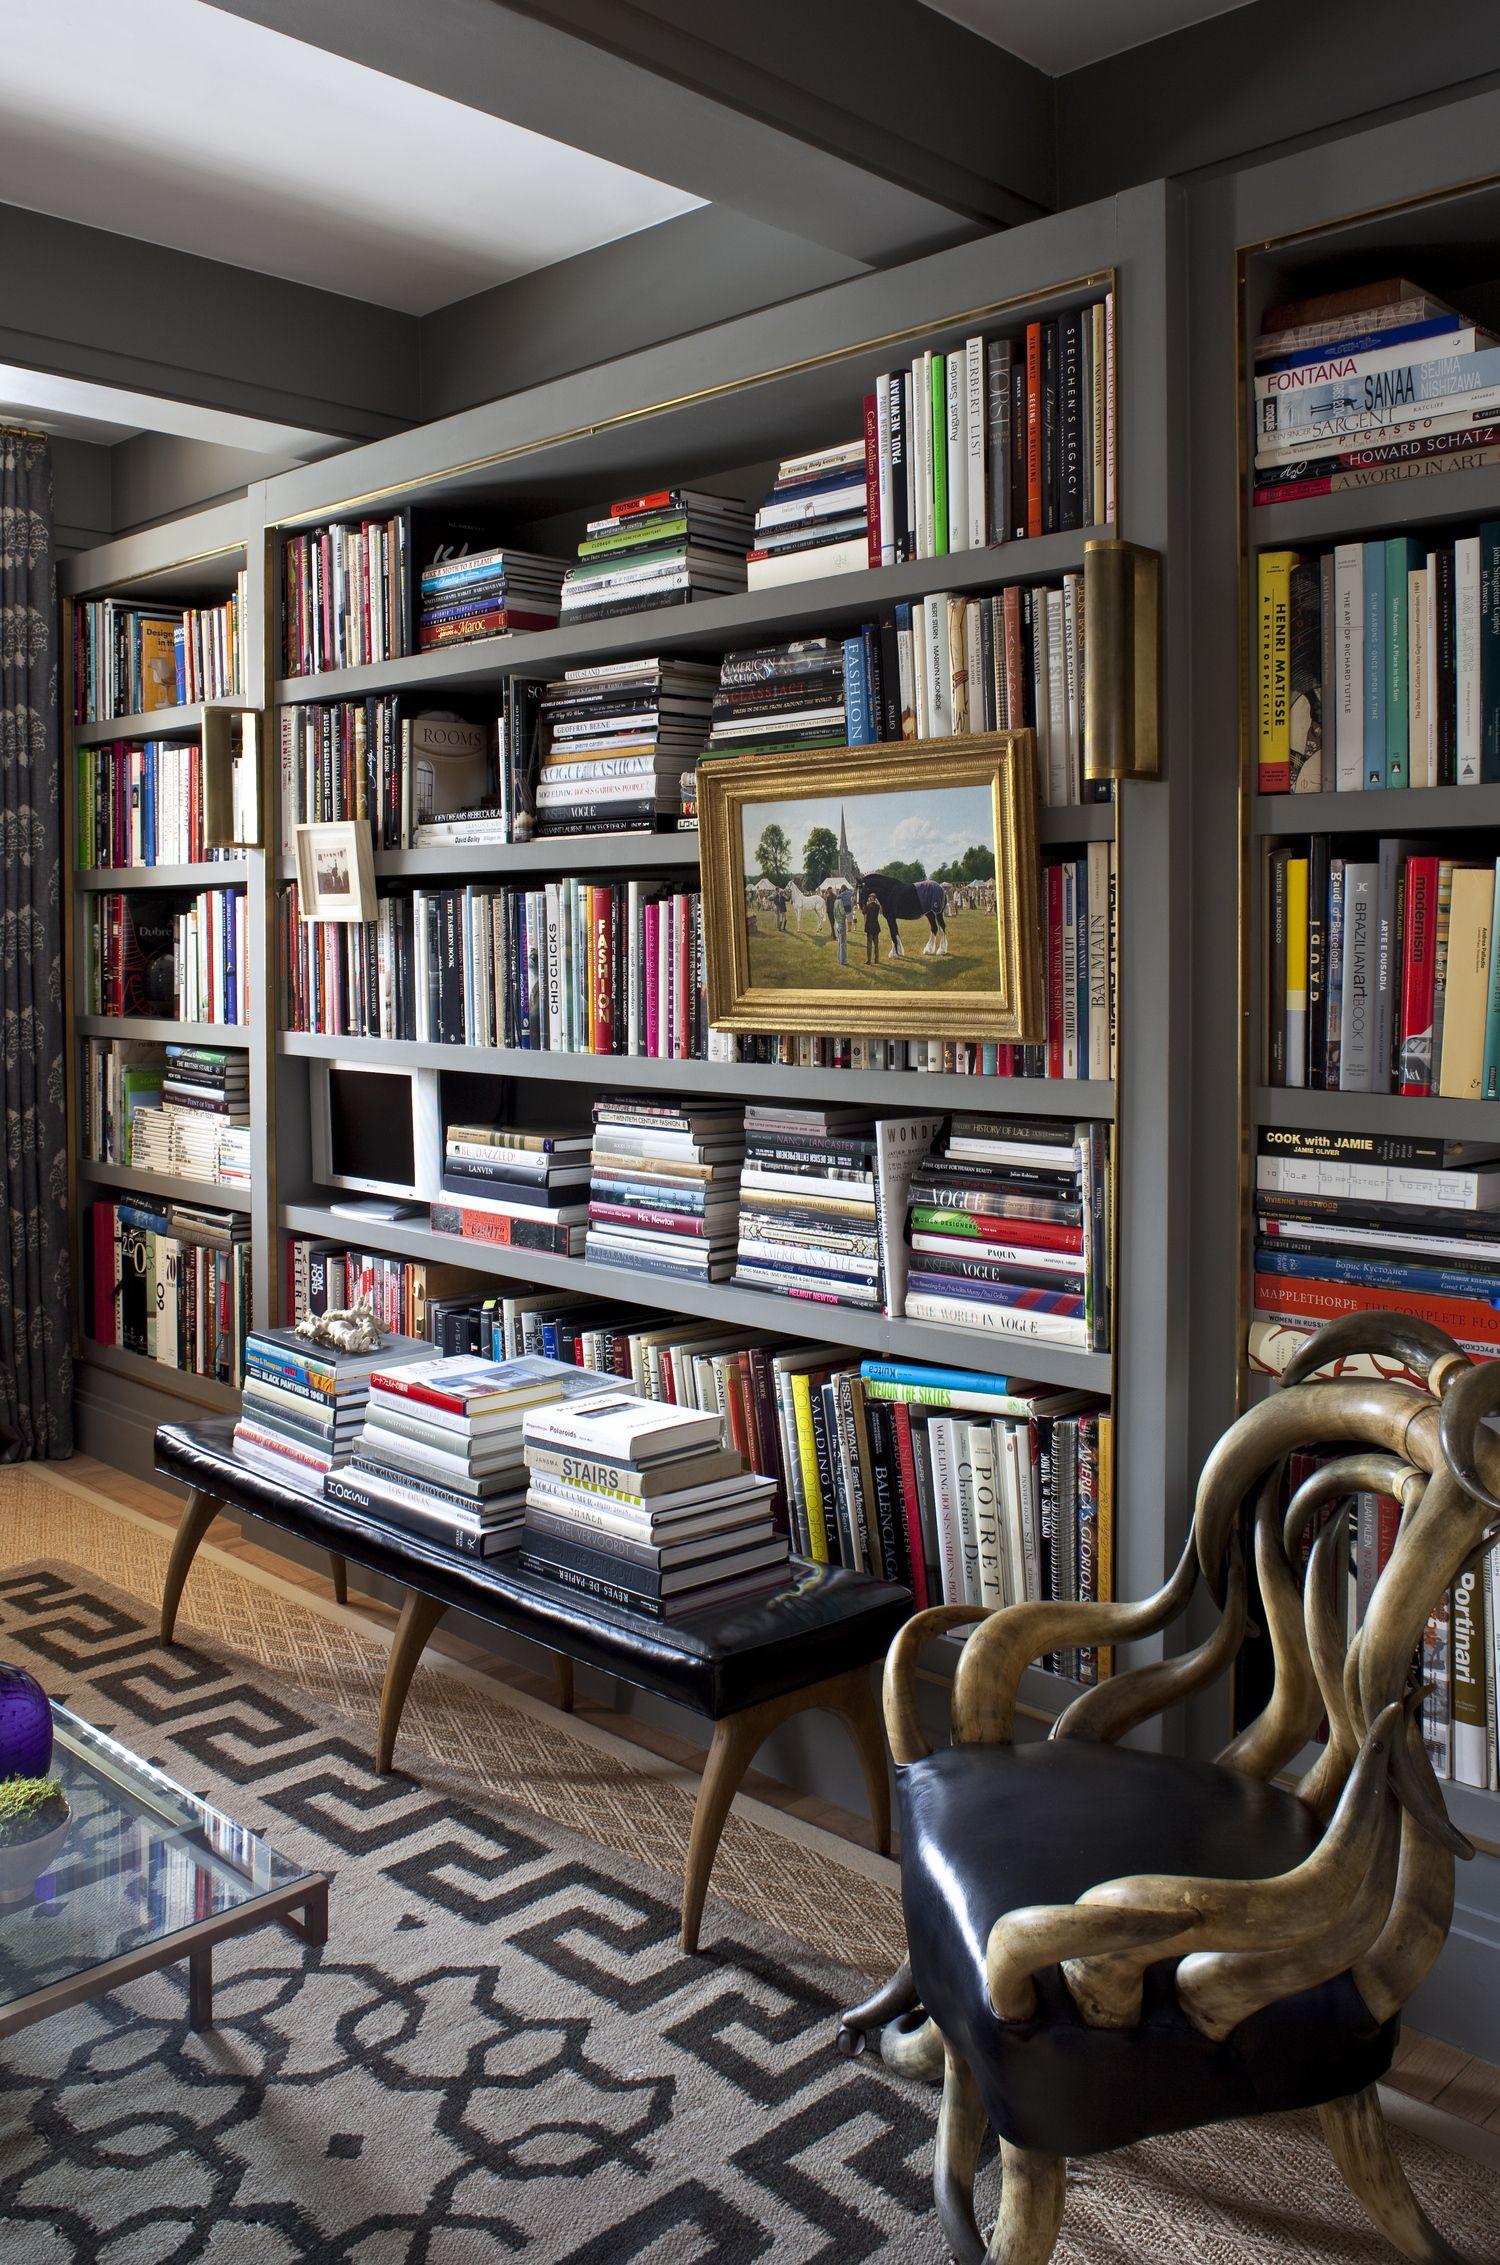 Top 10 Best Interior Design Books